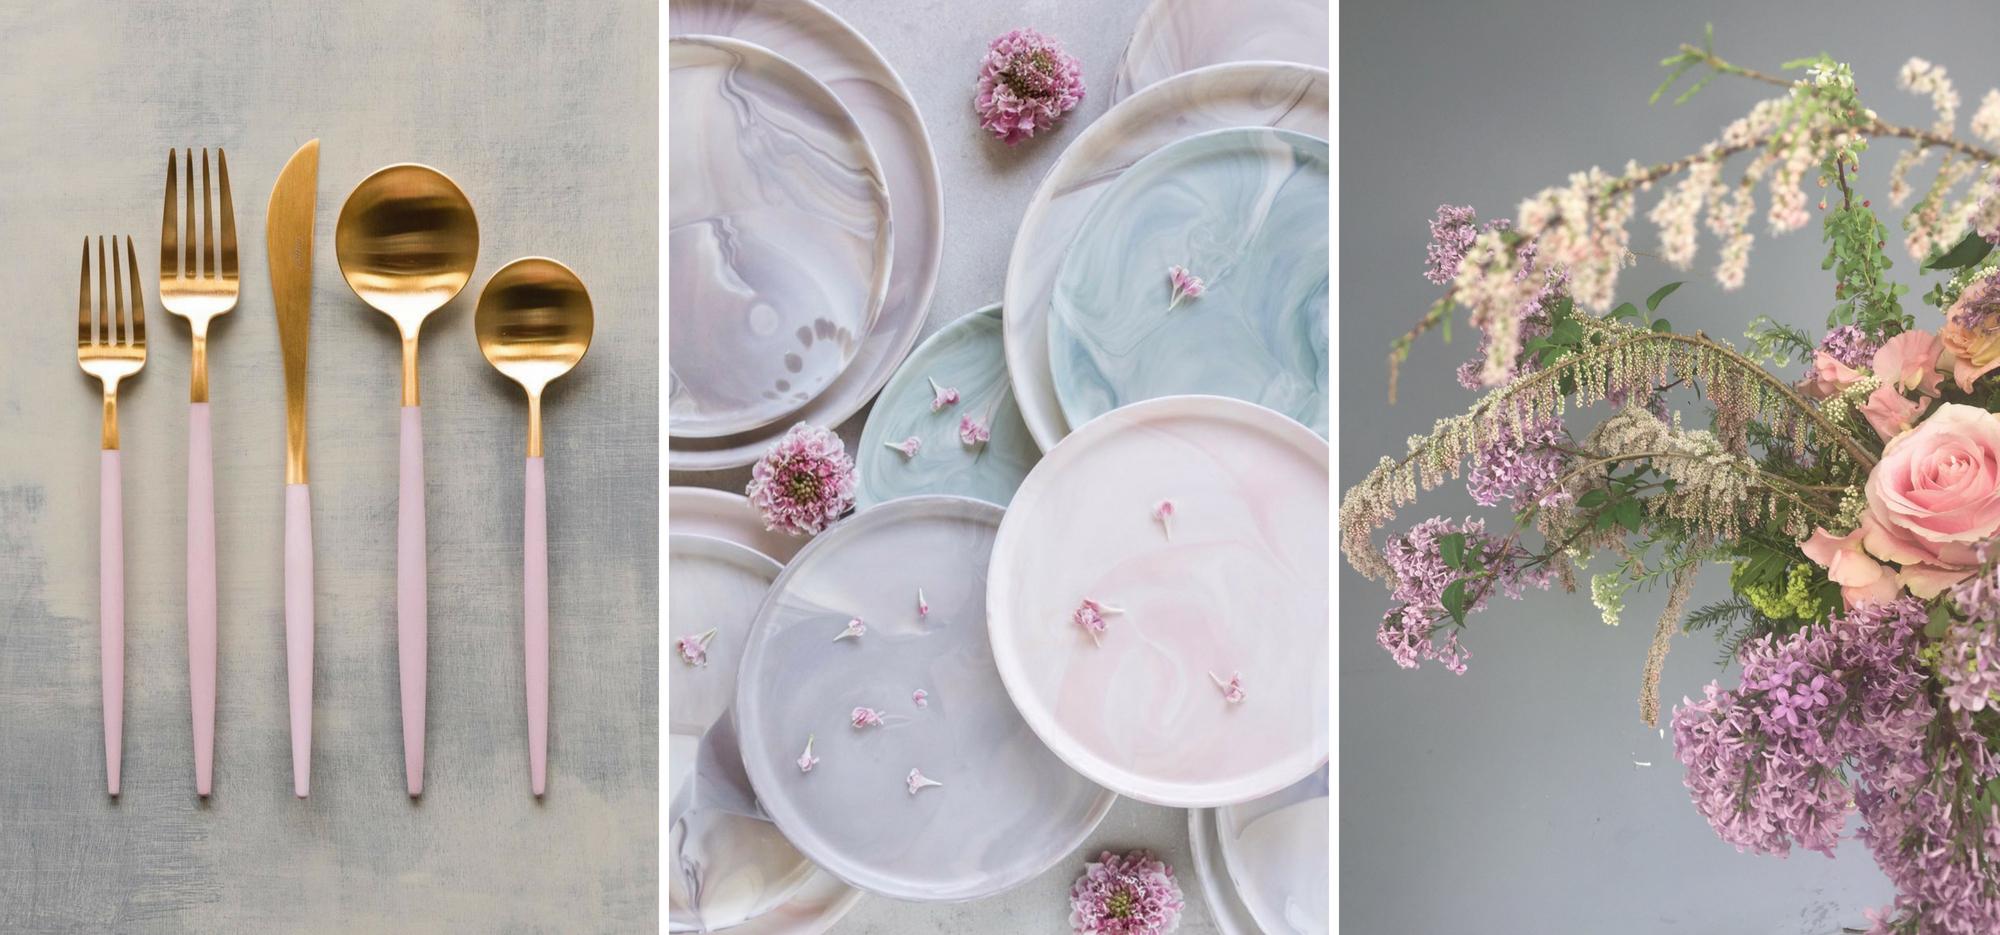 linda champenois wedding designer, décoratrice de mariage, art floral